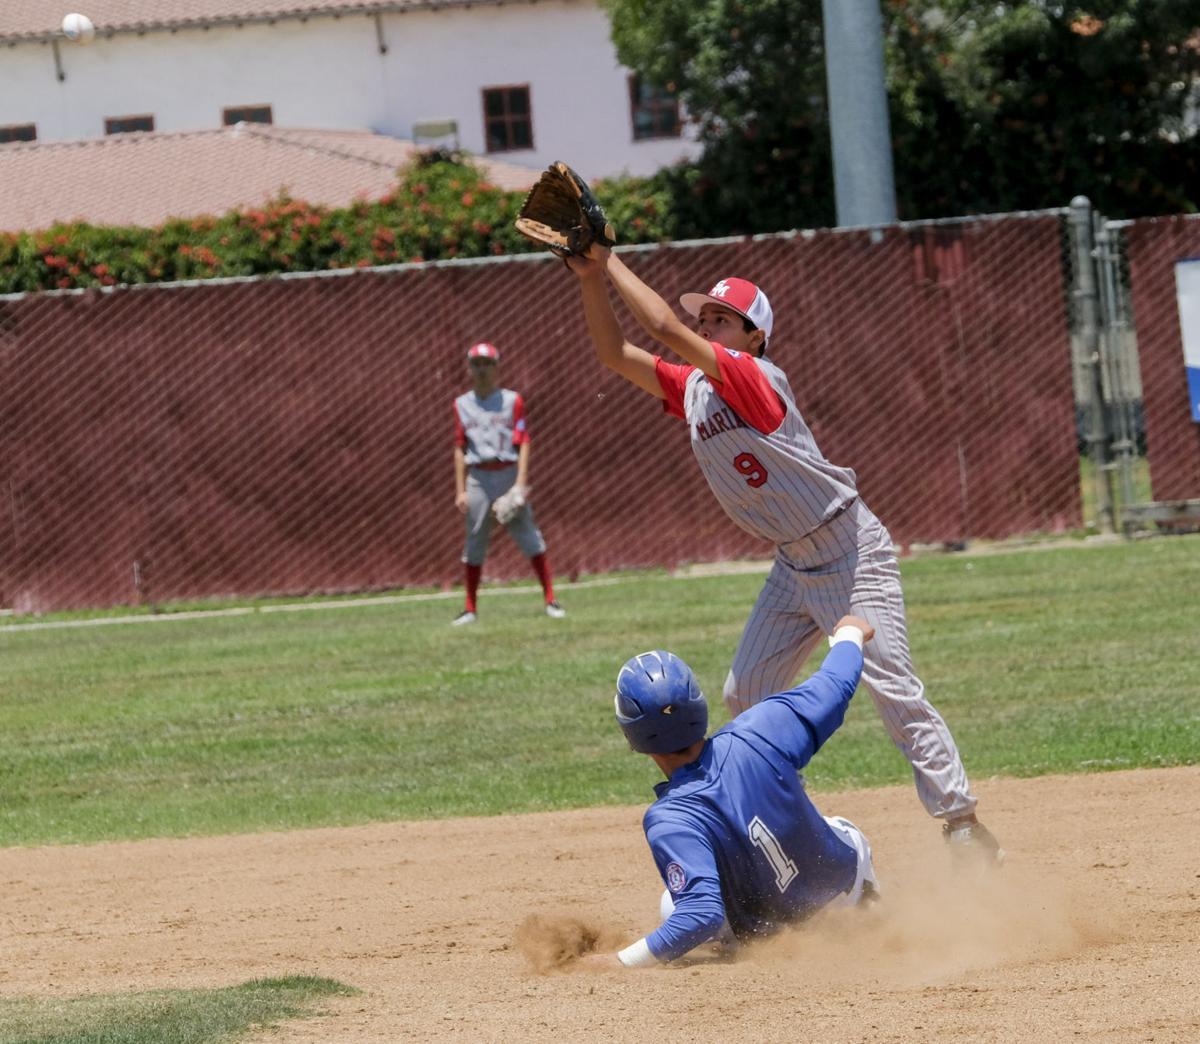 062417 Babe Ruth Lompoc v Santa Maria 01.jpg